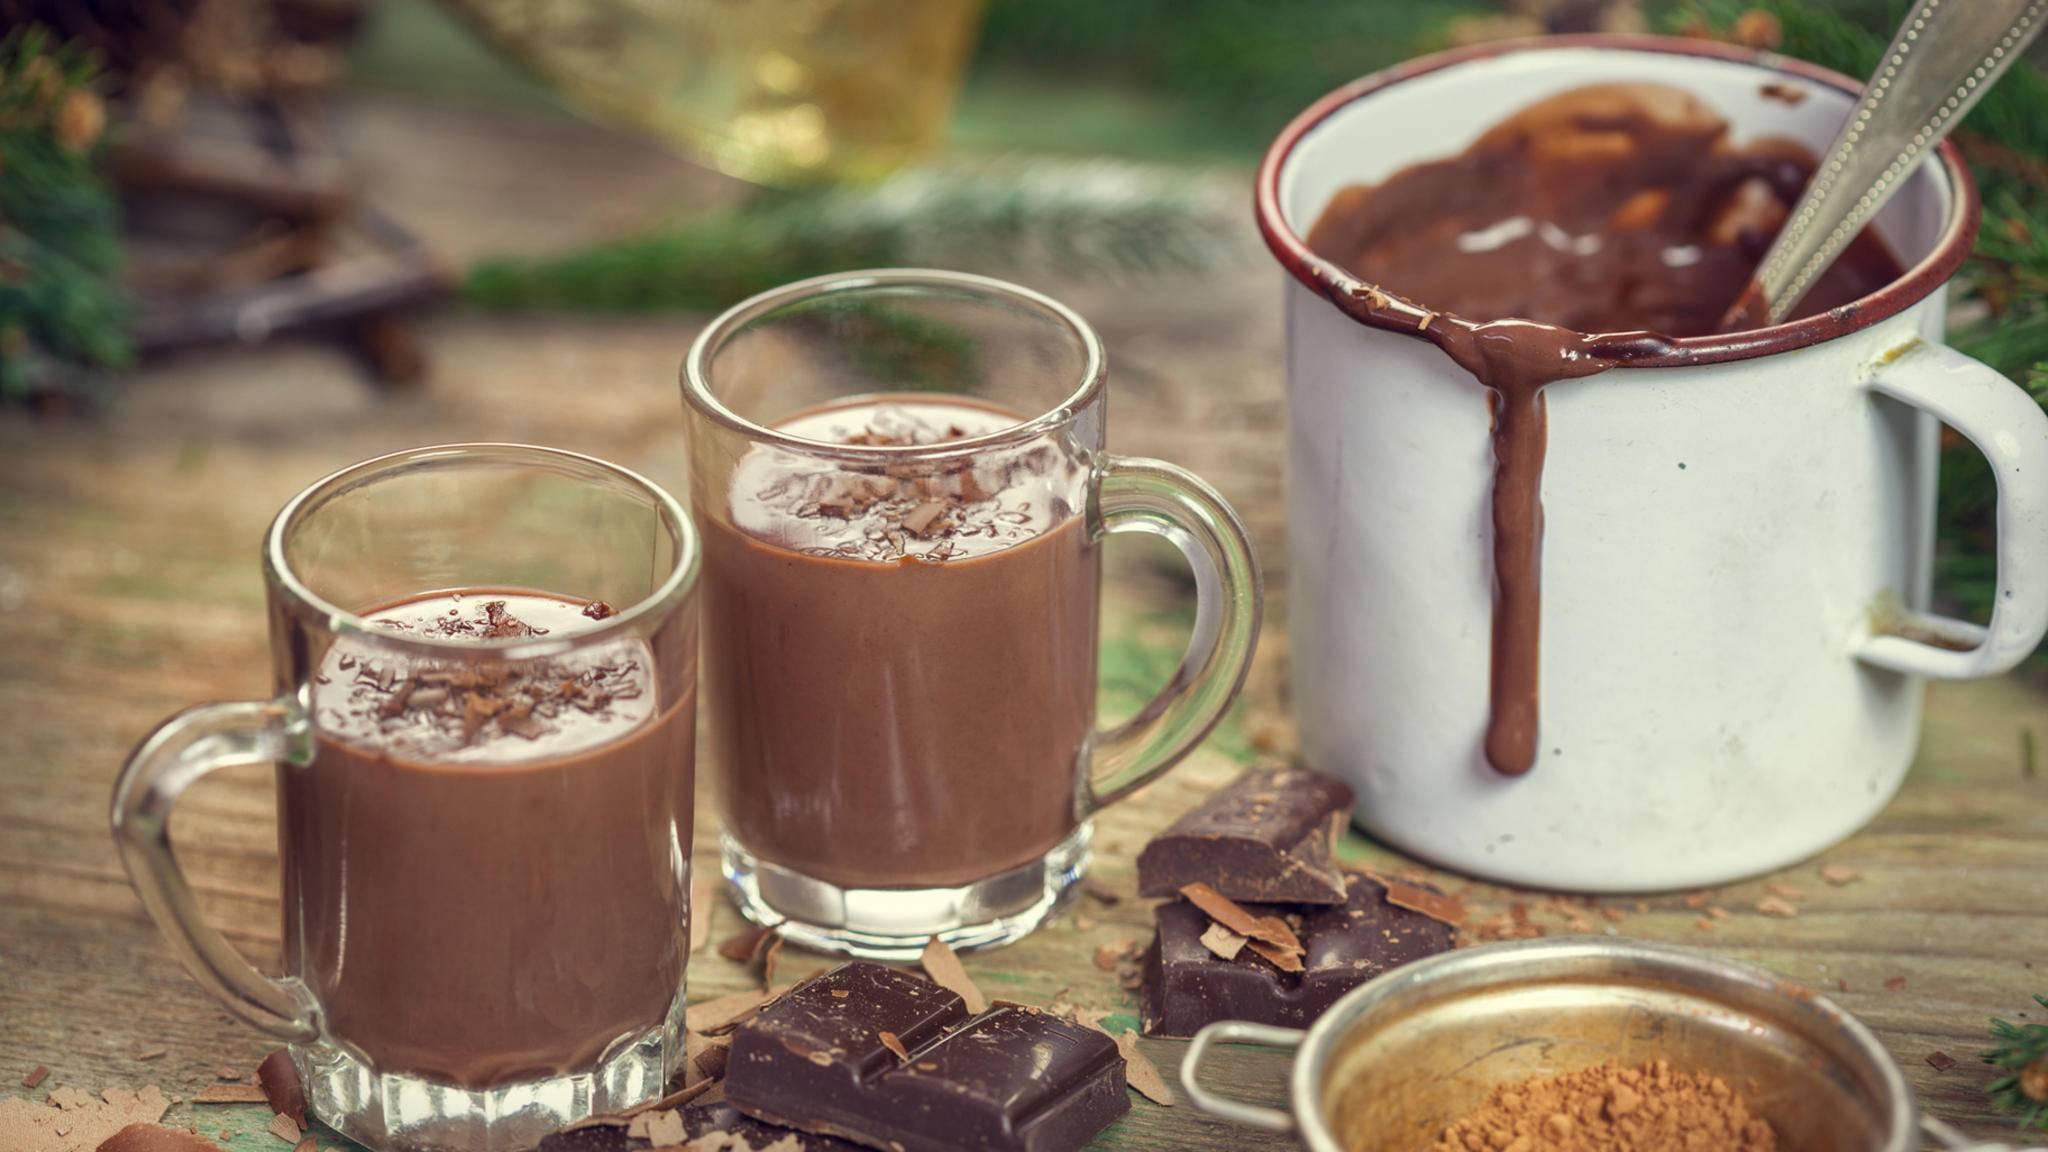 Eine heiße Schokolade vermittelt Gemütlichkeit.